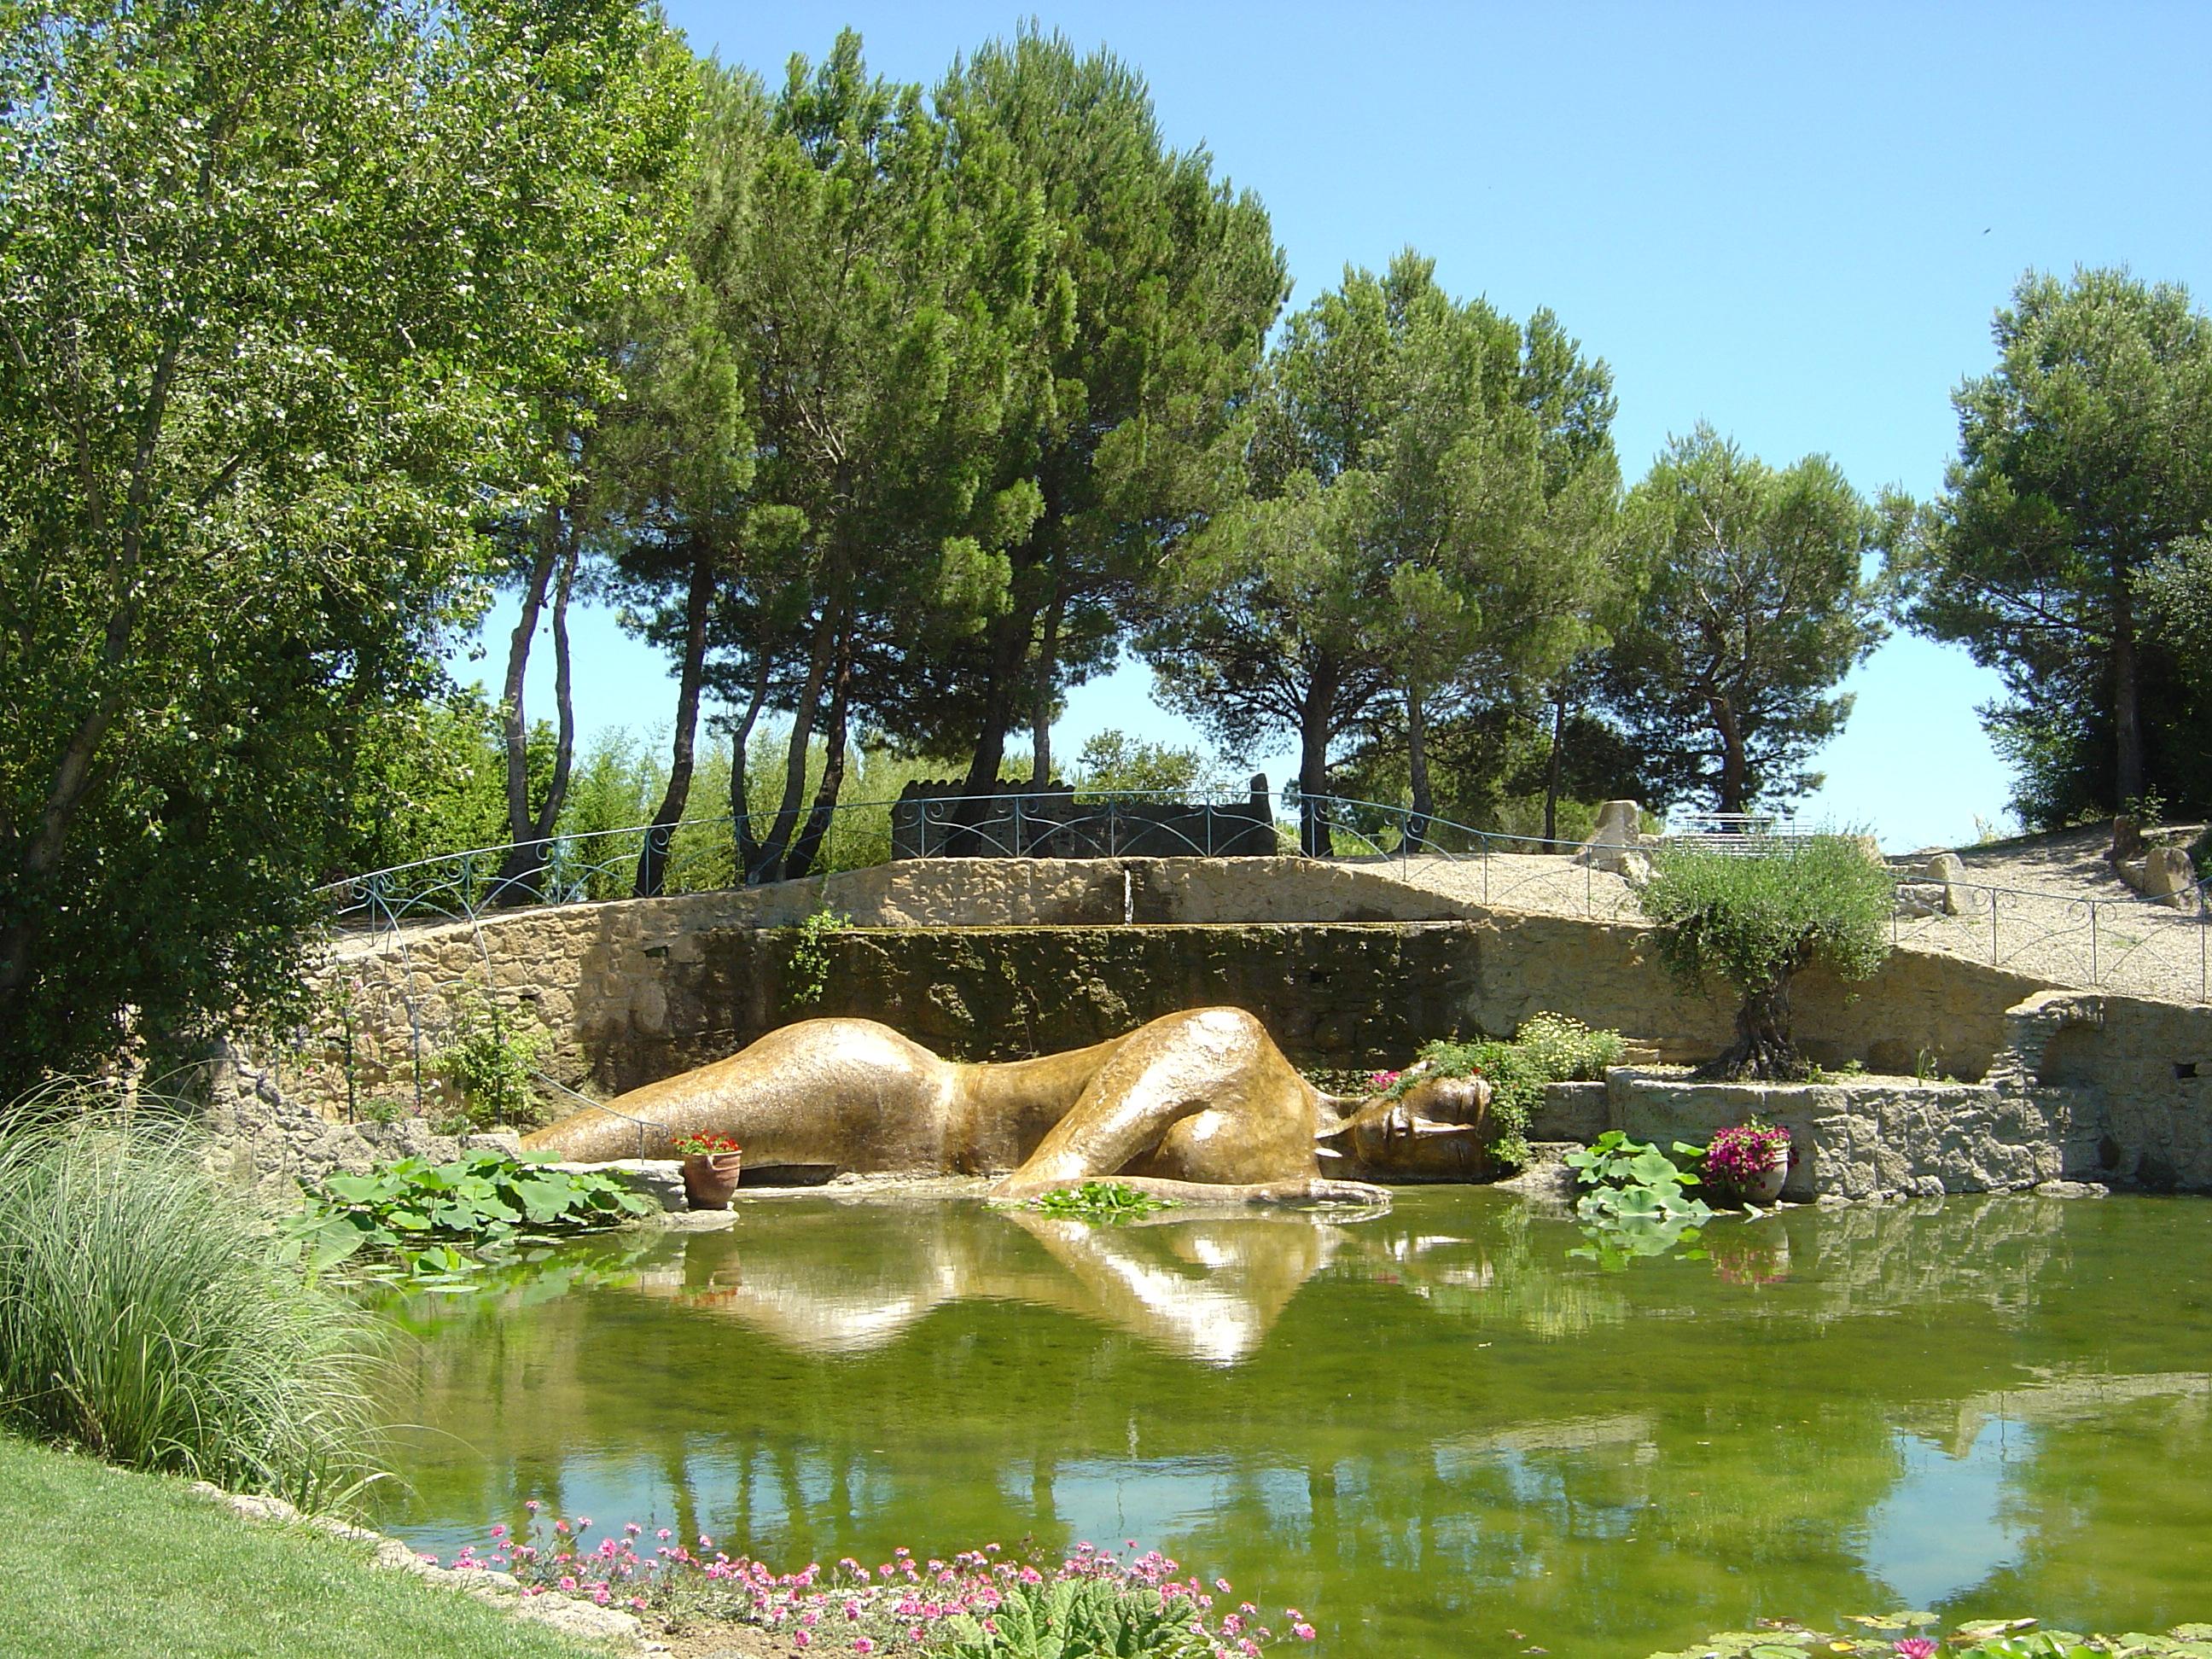 Le jardin de saint adrien servian - Les jardins de saint adrien ...